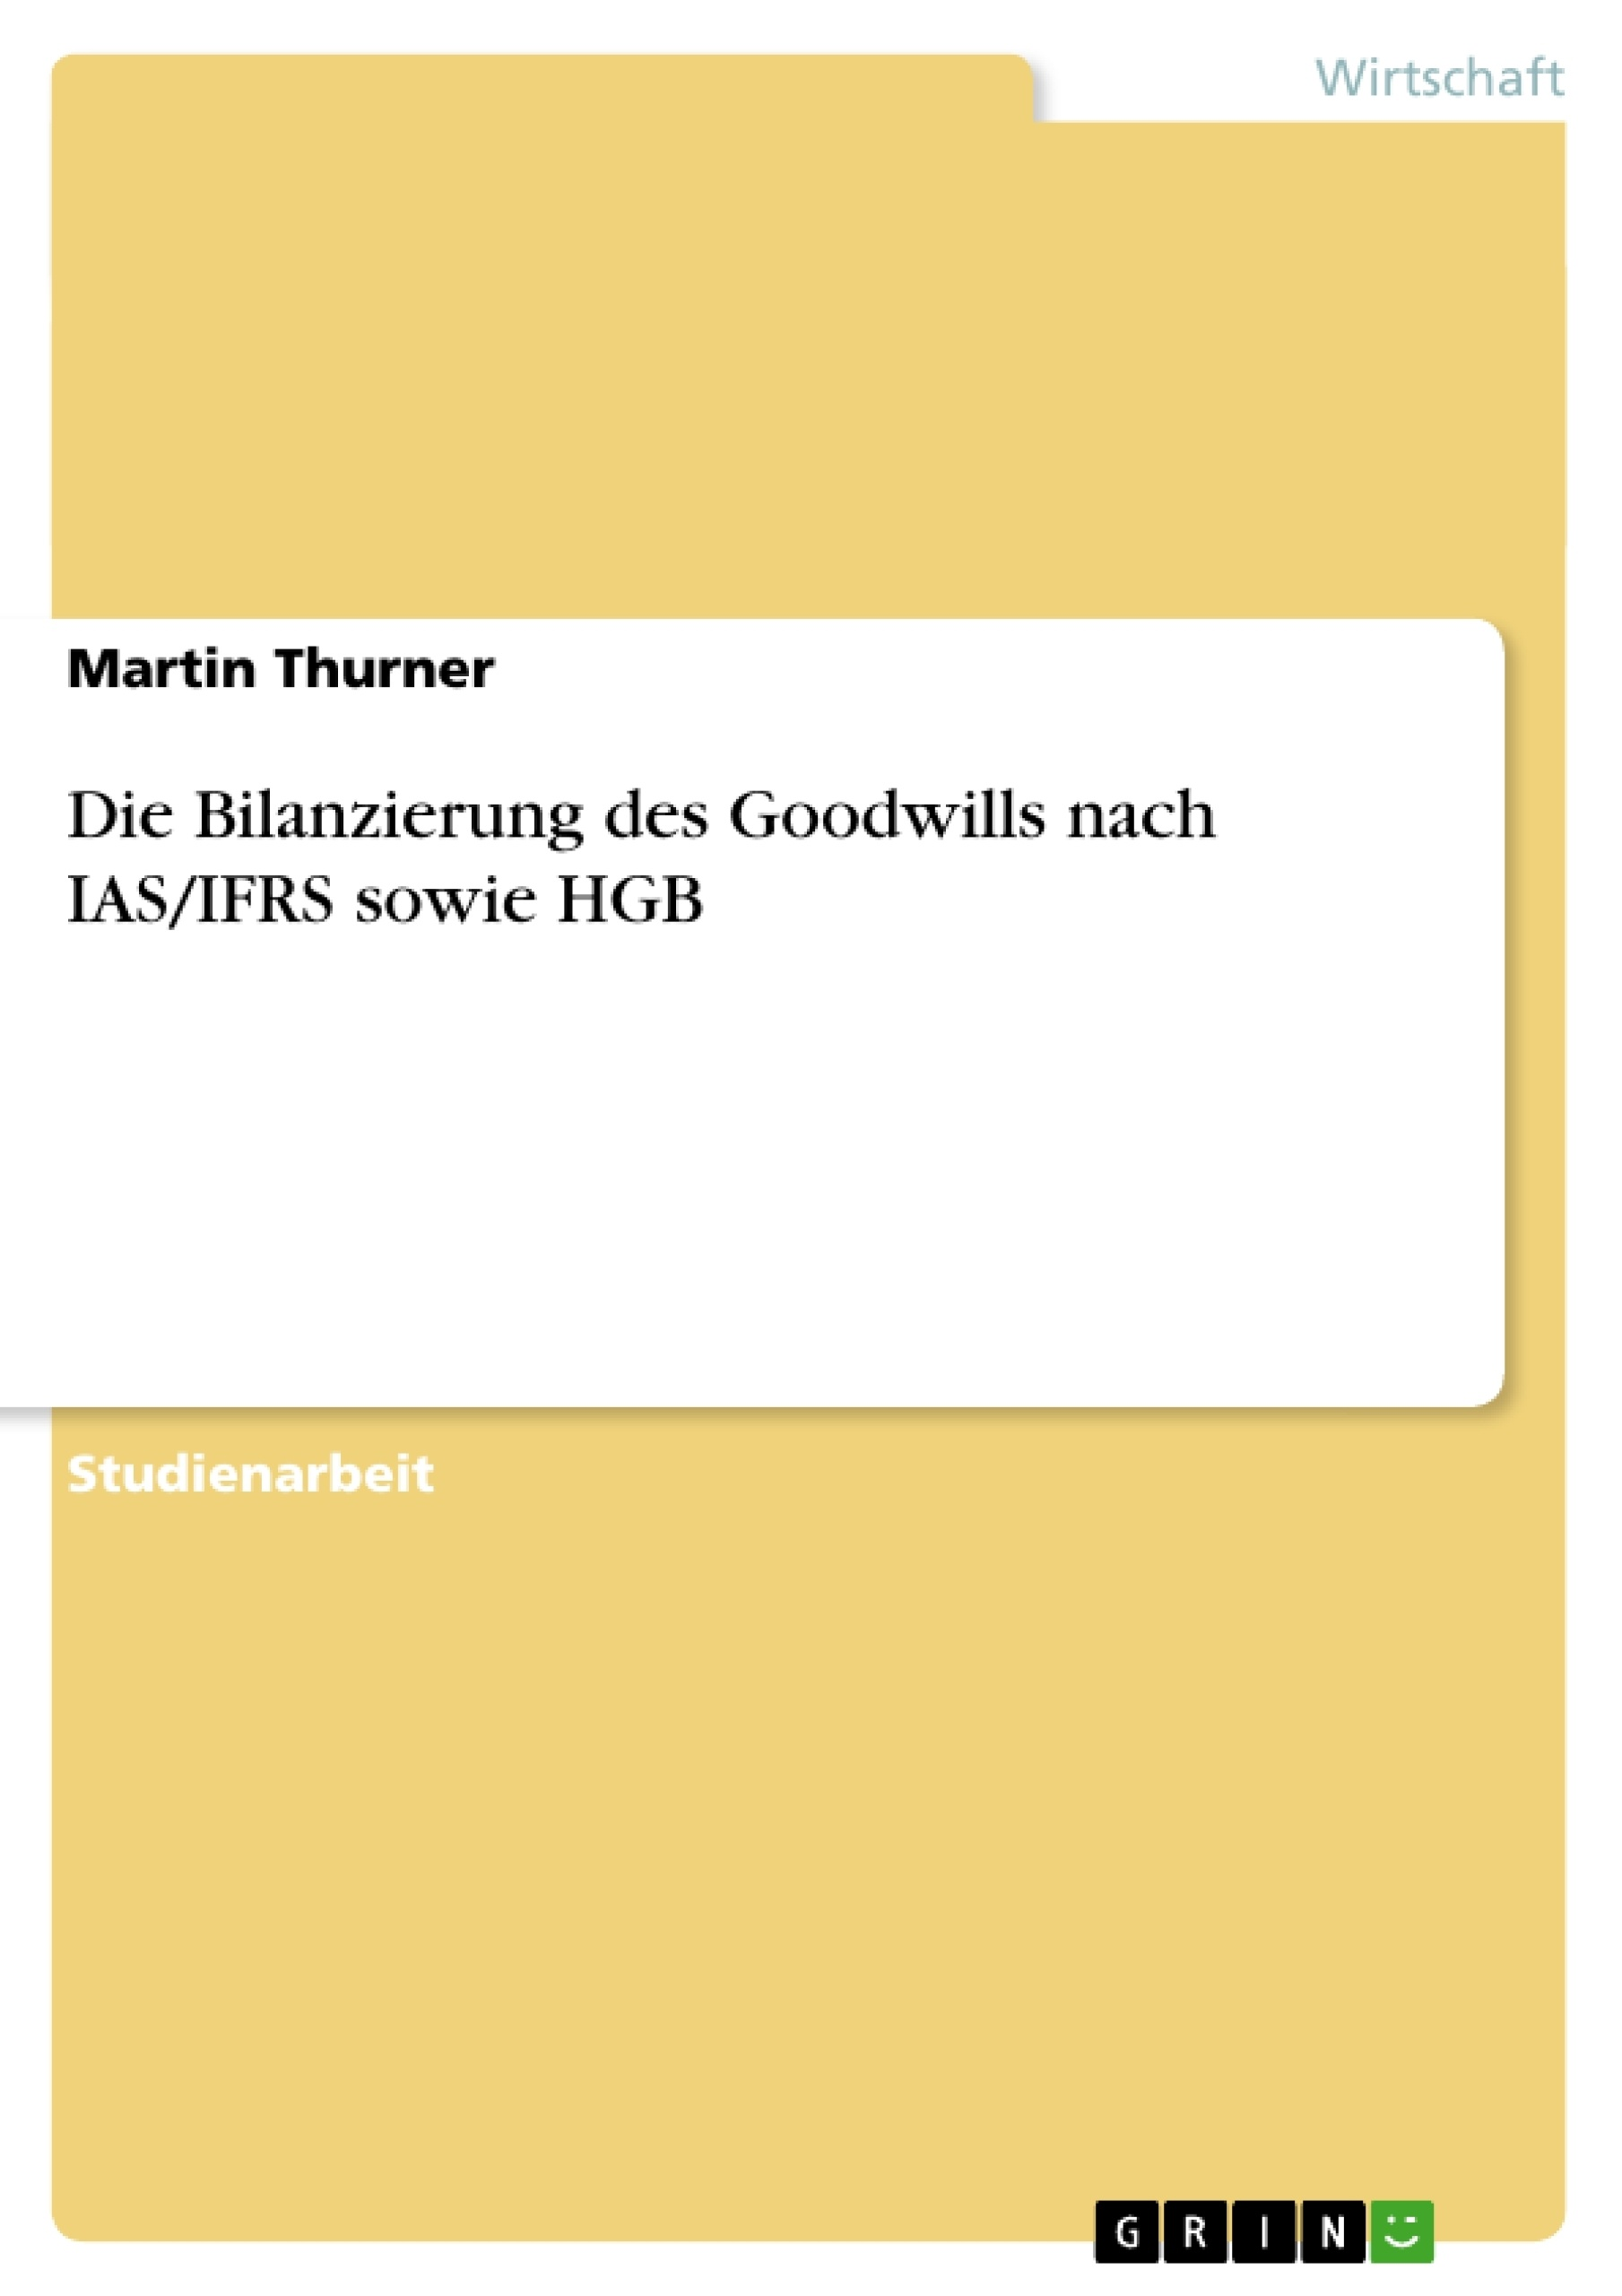 Titel: Die Bilanzierung des Goodwills nach IAS/IFRS sowie HGB